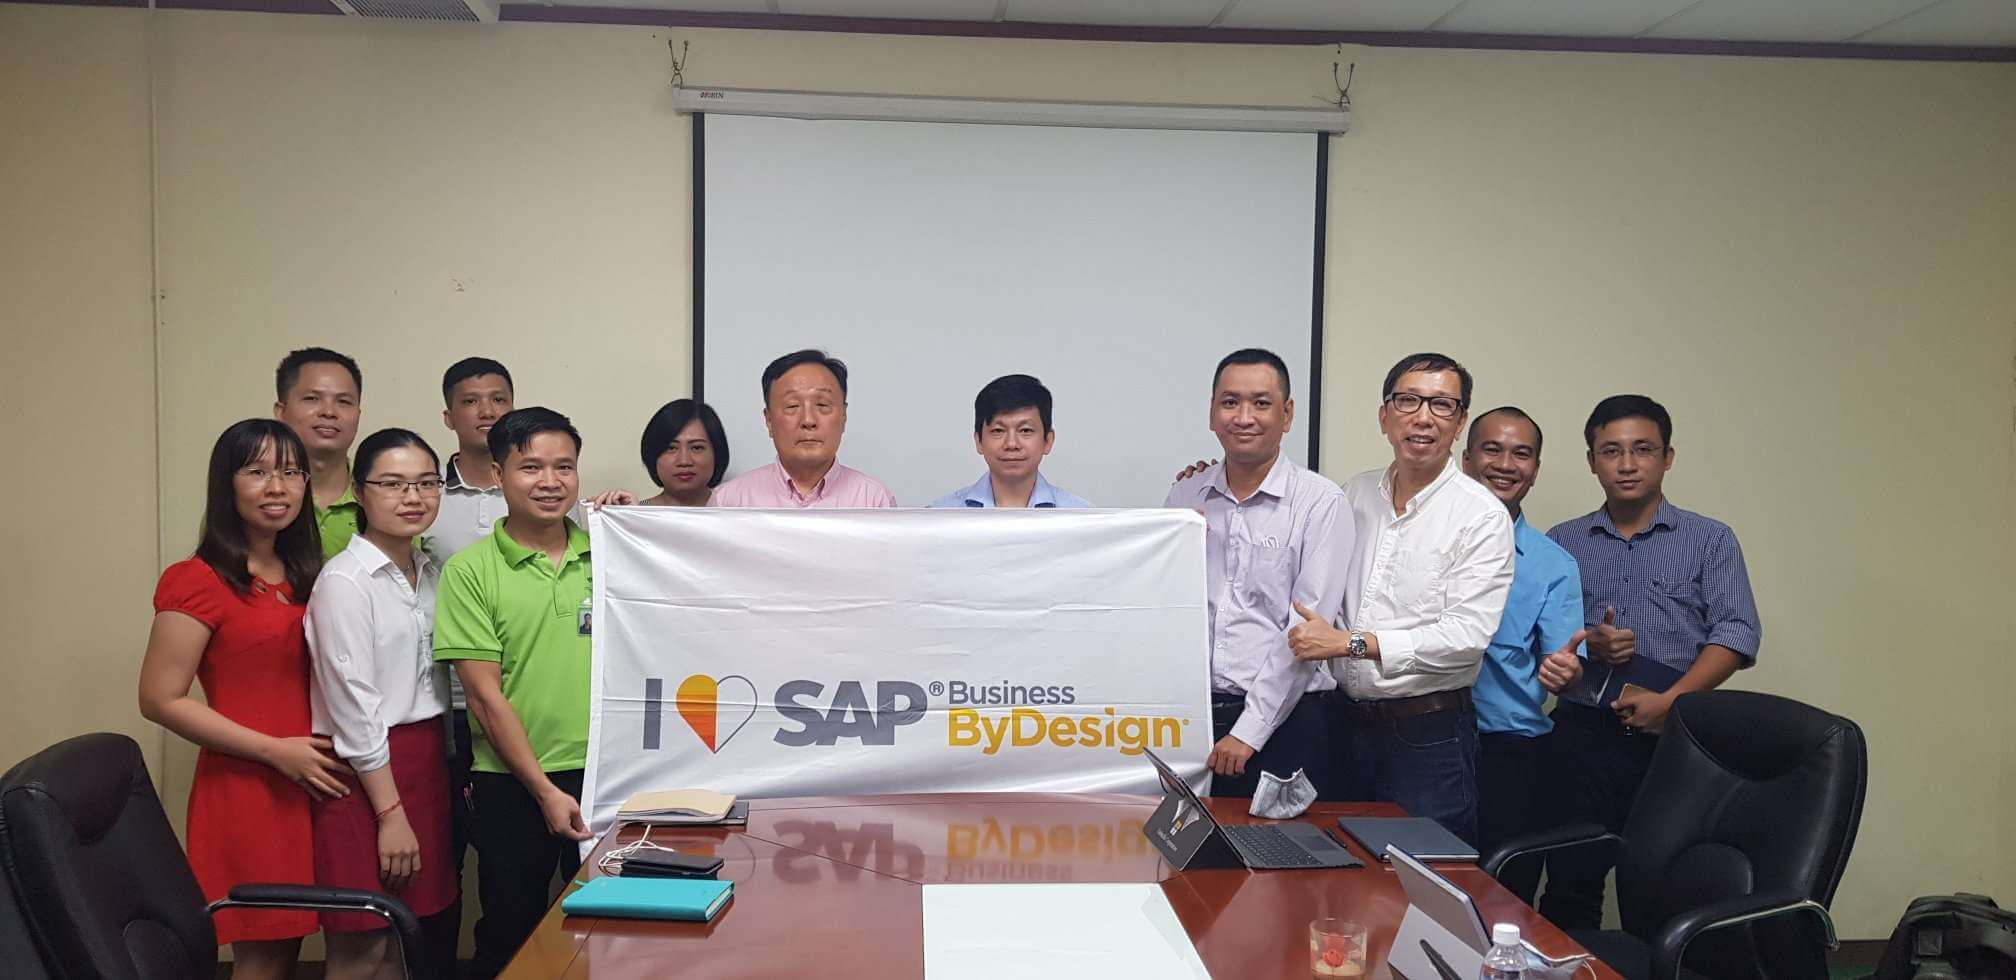 Yamagata Hà Nội Triển Khai SAP Business ByDesign Mở Đầu Cho việc Chuyển Đổi Số